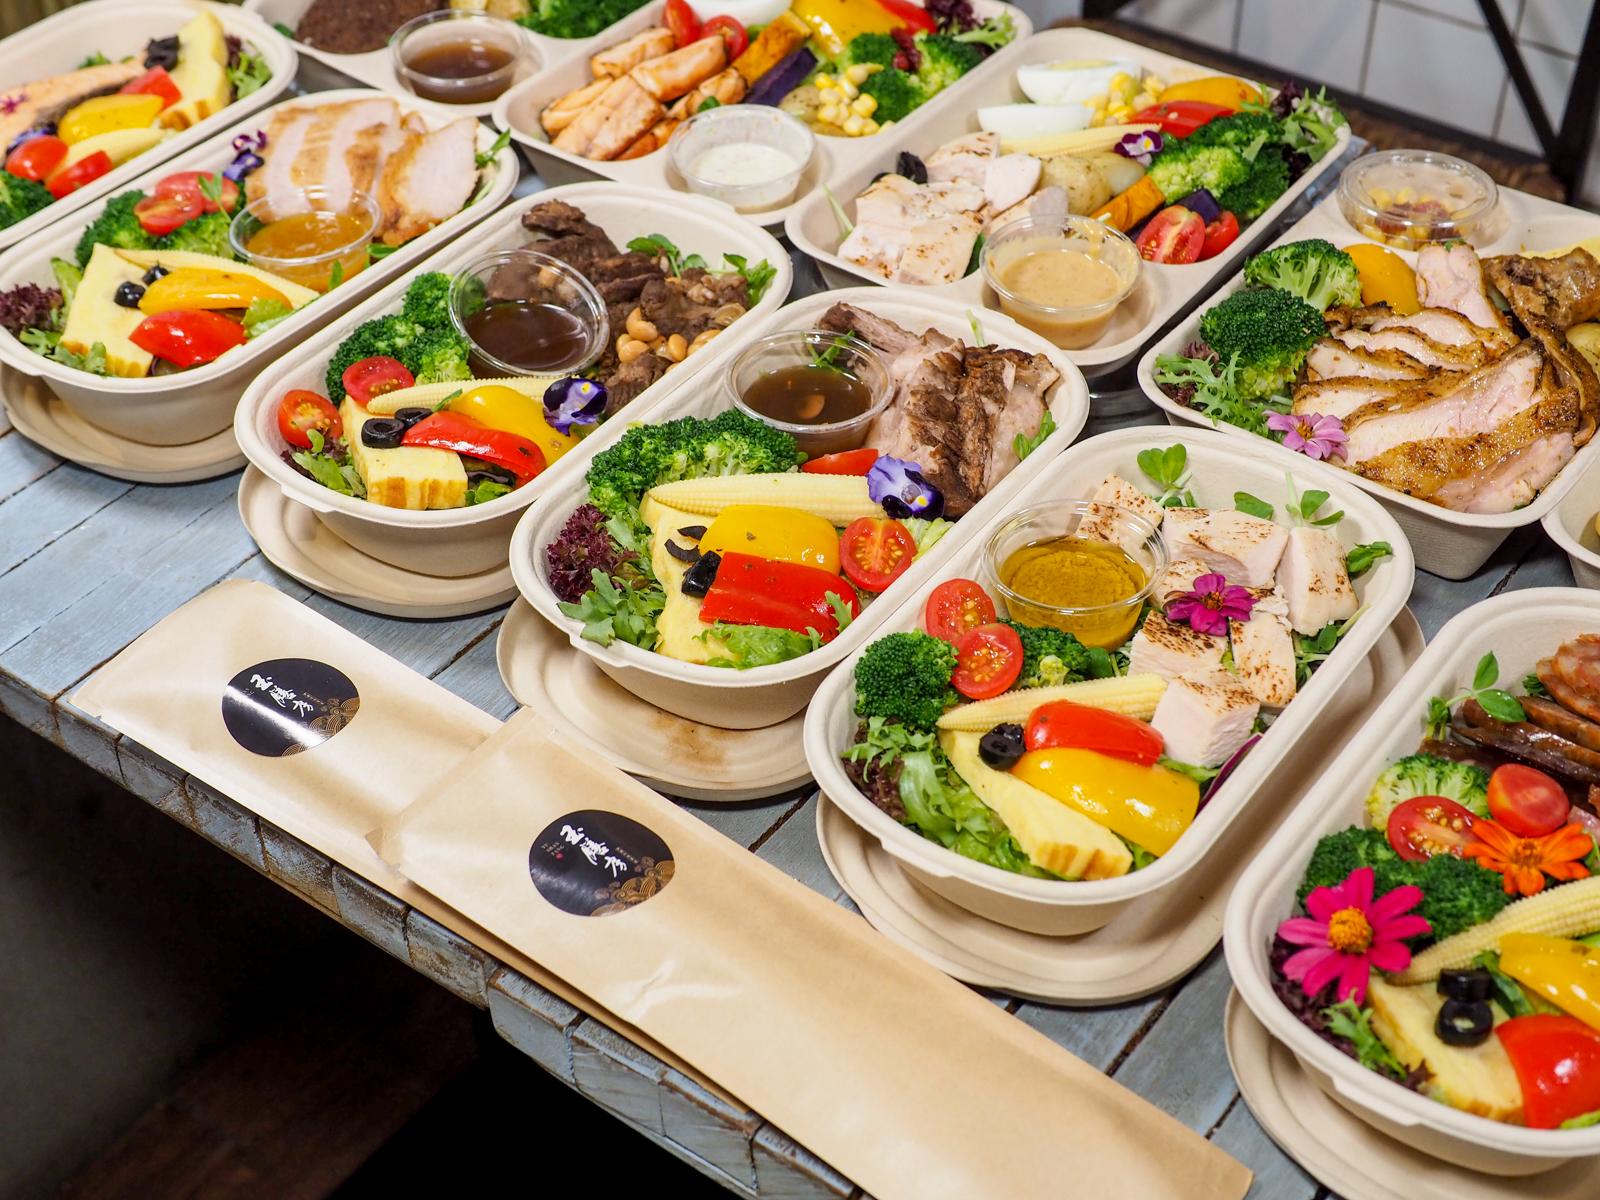 今天來點低卡健康又美味的餐盒 玉膳房 御選珍味料理 十一種餐盒滿足你的胃與心